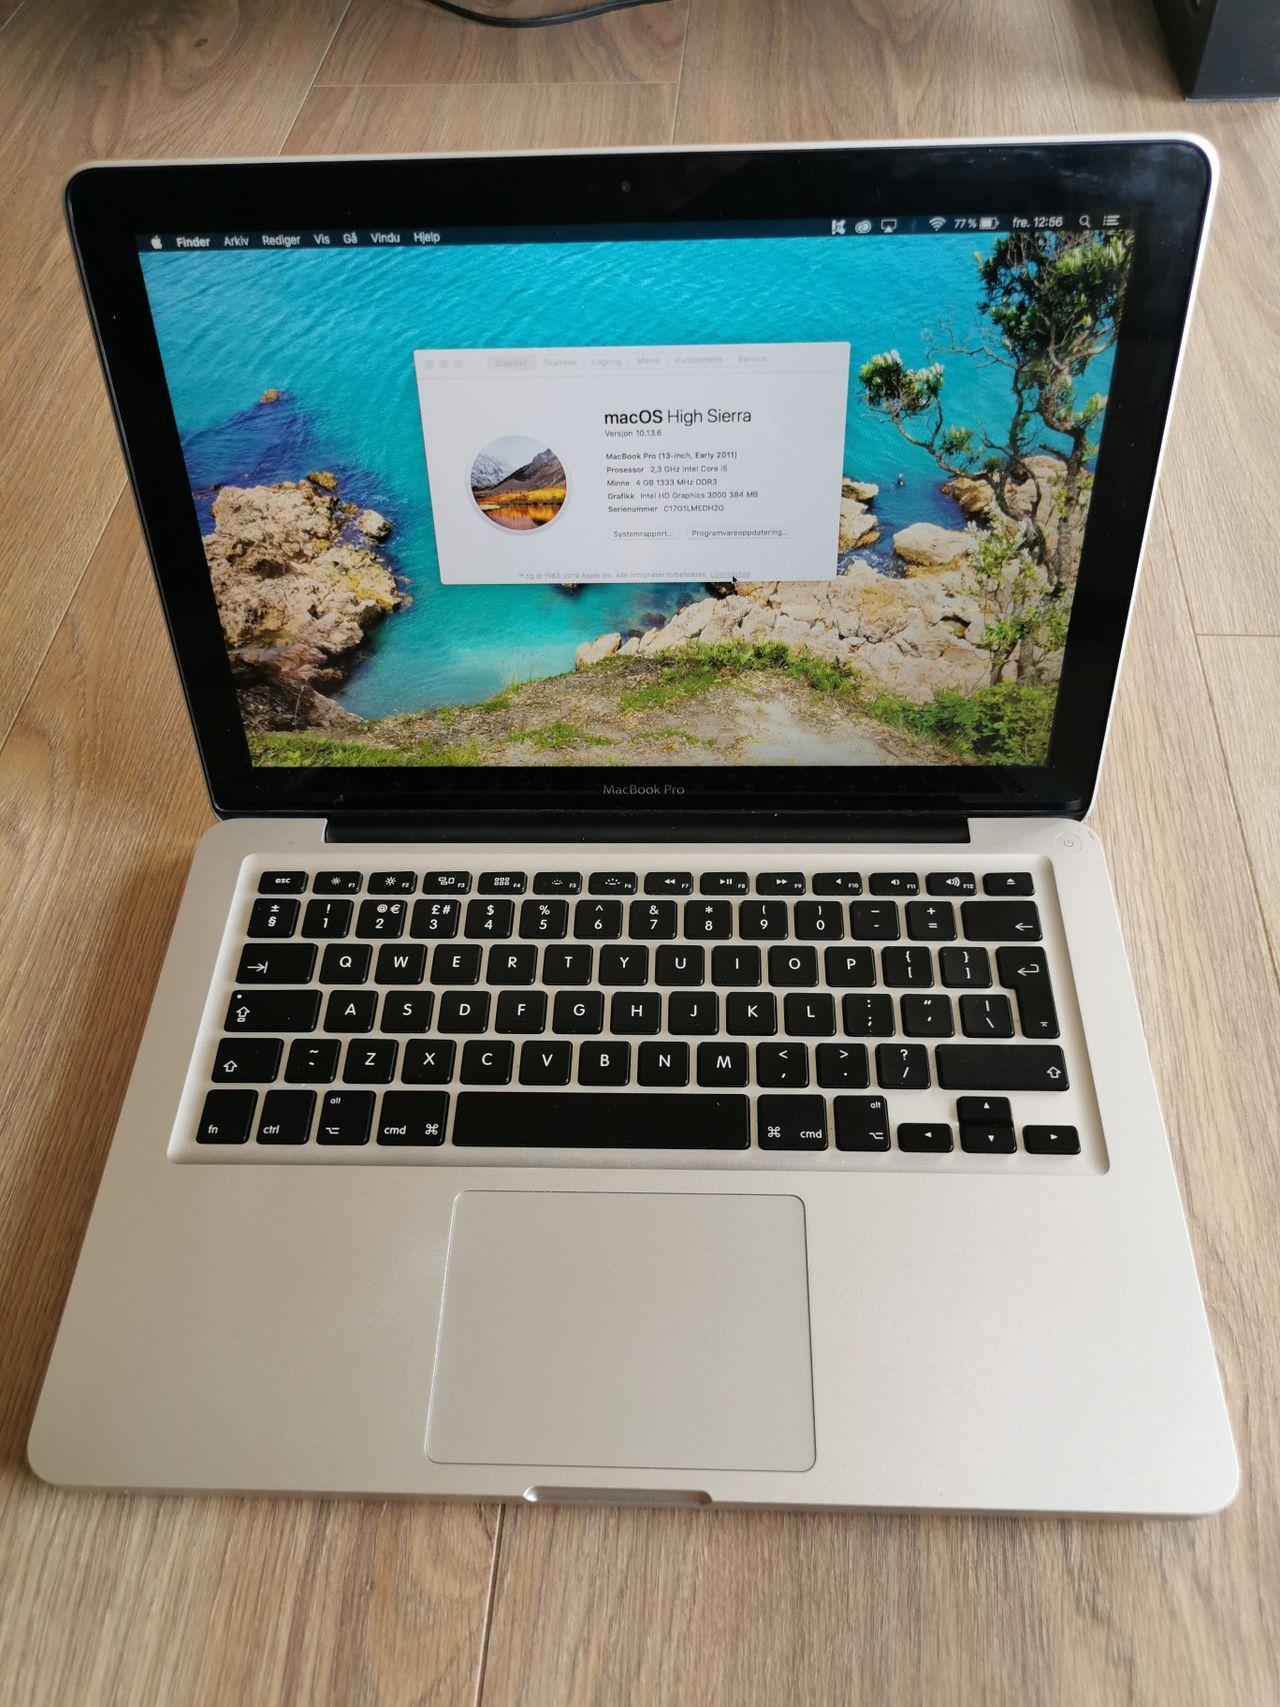 Macbook Pro 13, 2011 | FINN.no